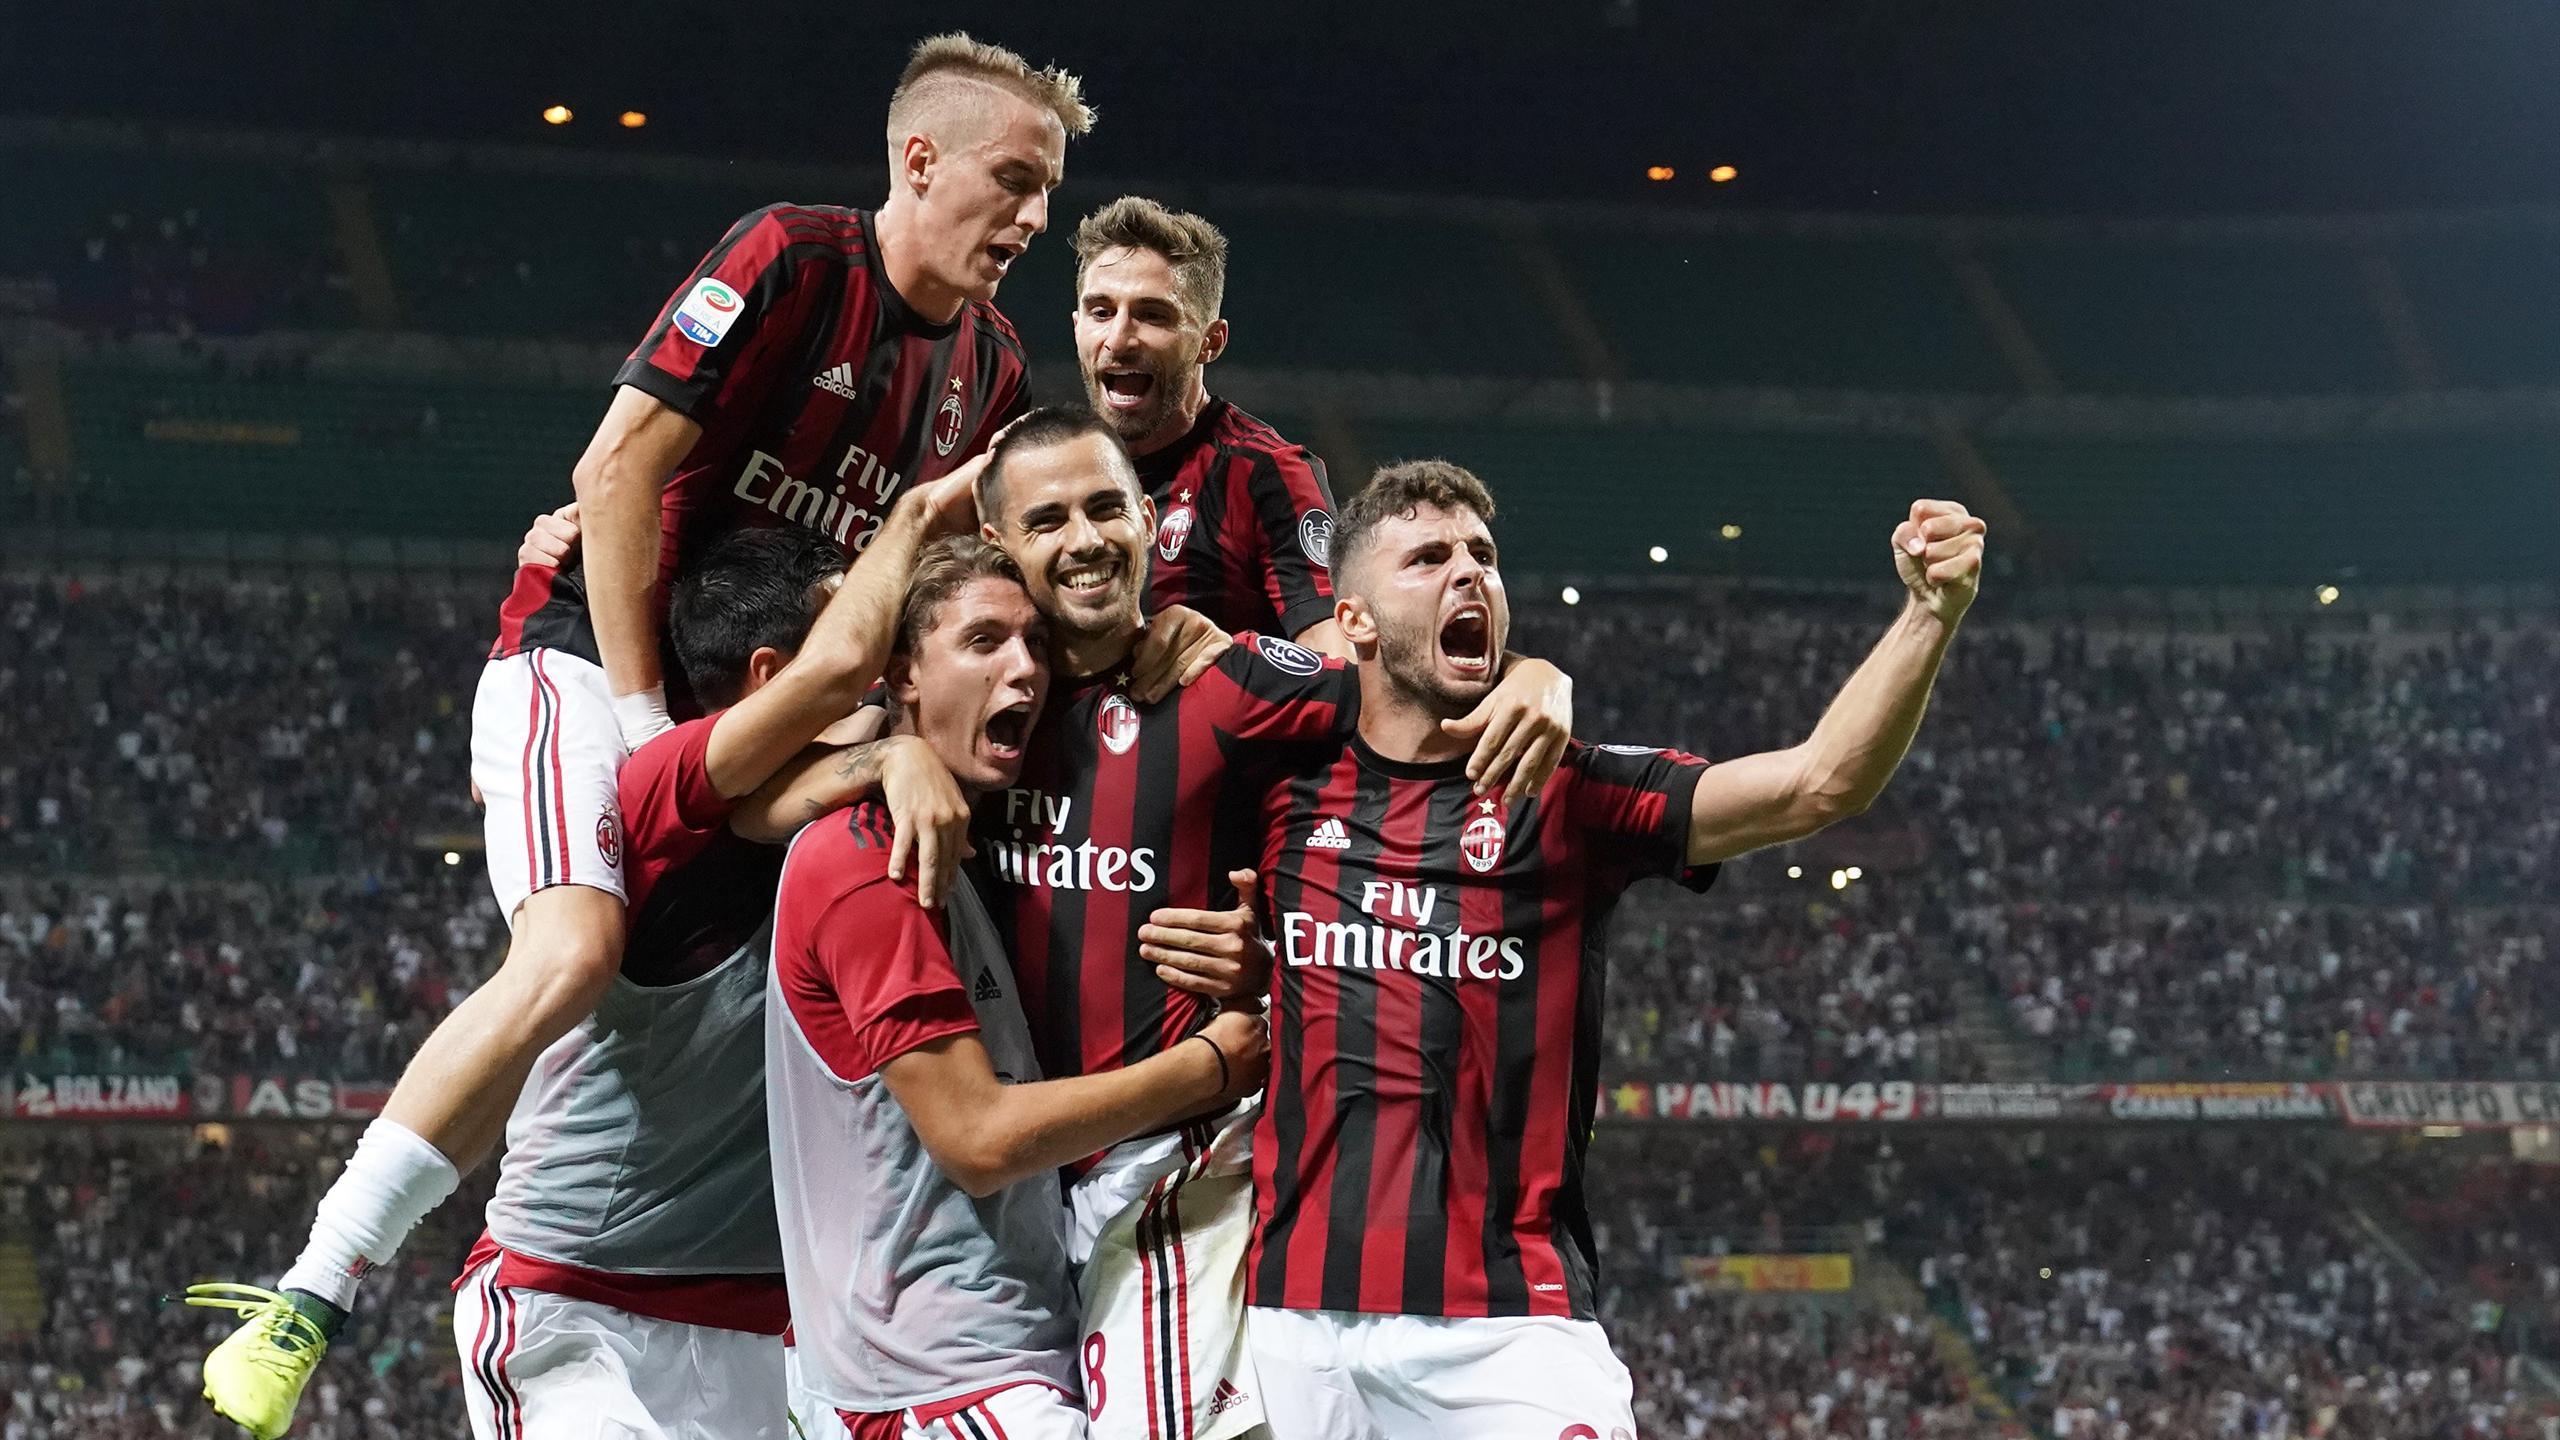 Calcio Per Bambini Bolzano : Italia südtirol a la battaglia altoatesina per cancellare l